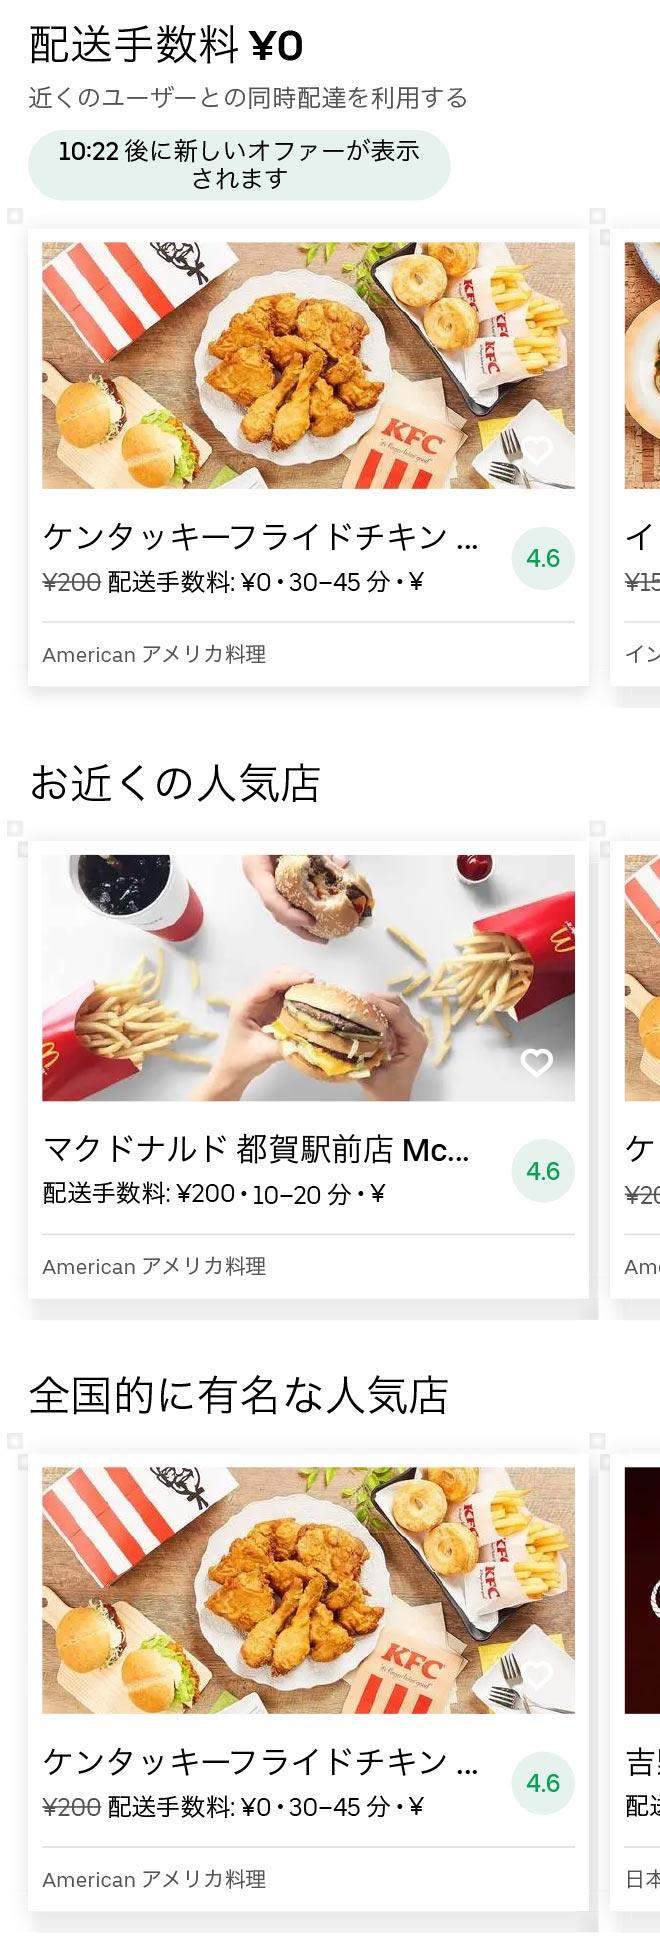 Tsuga menu 2010 01